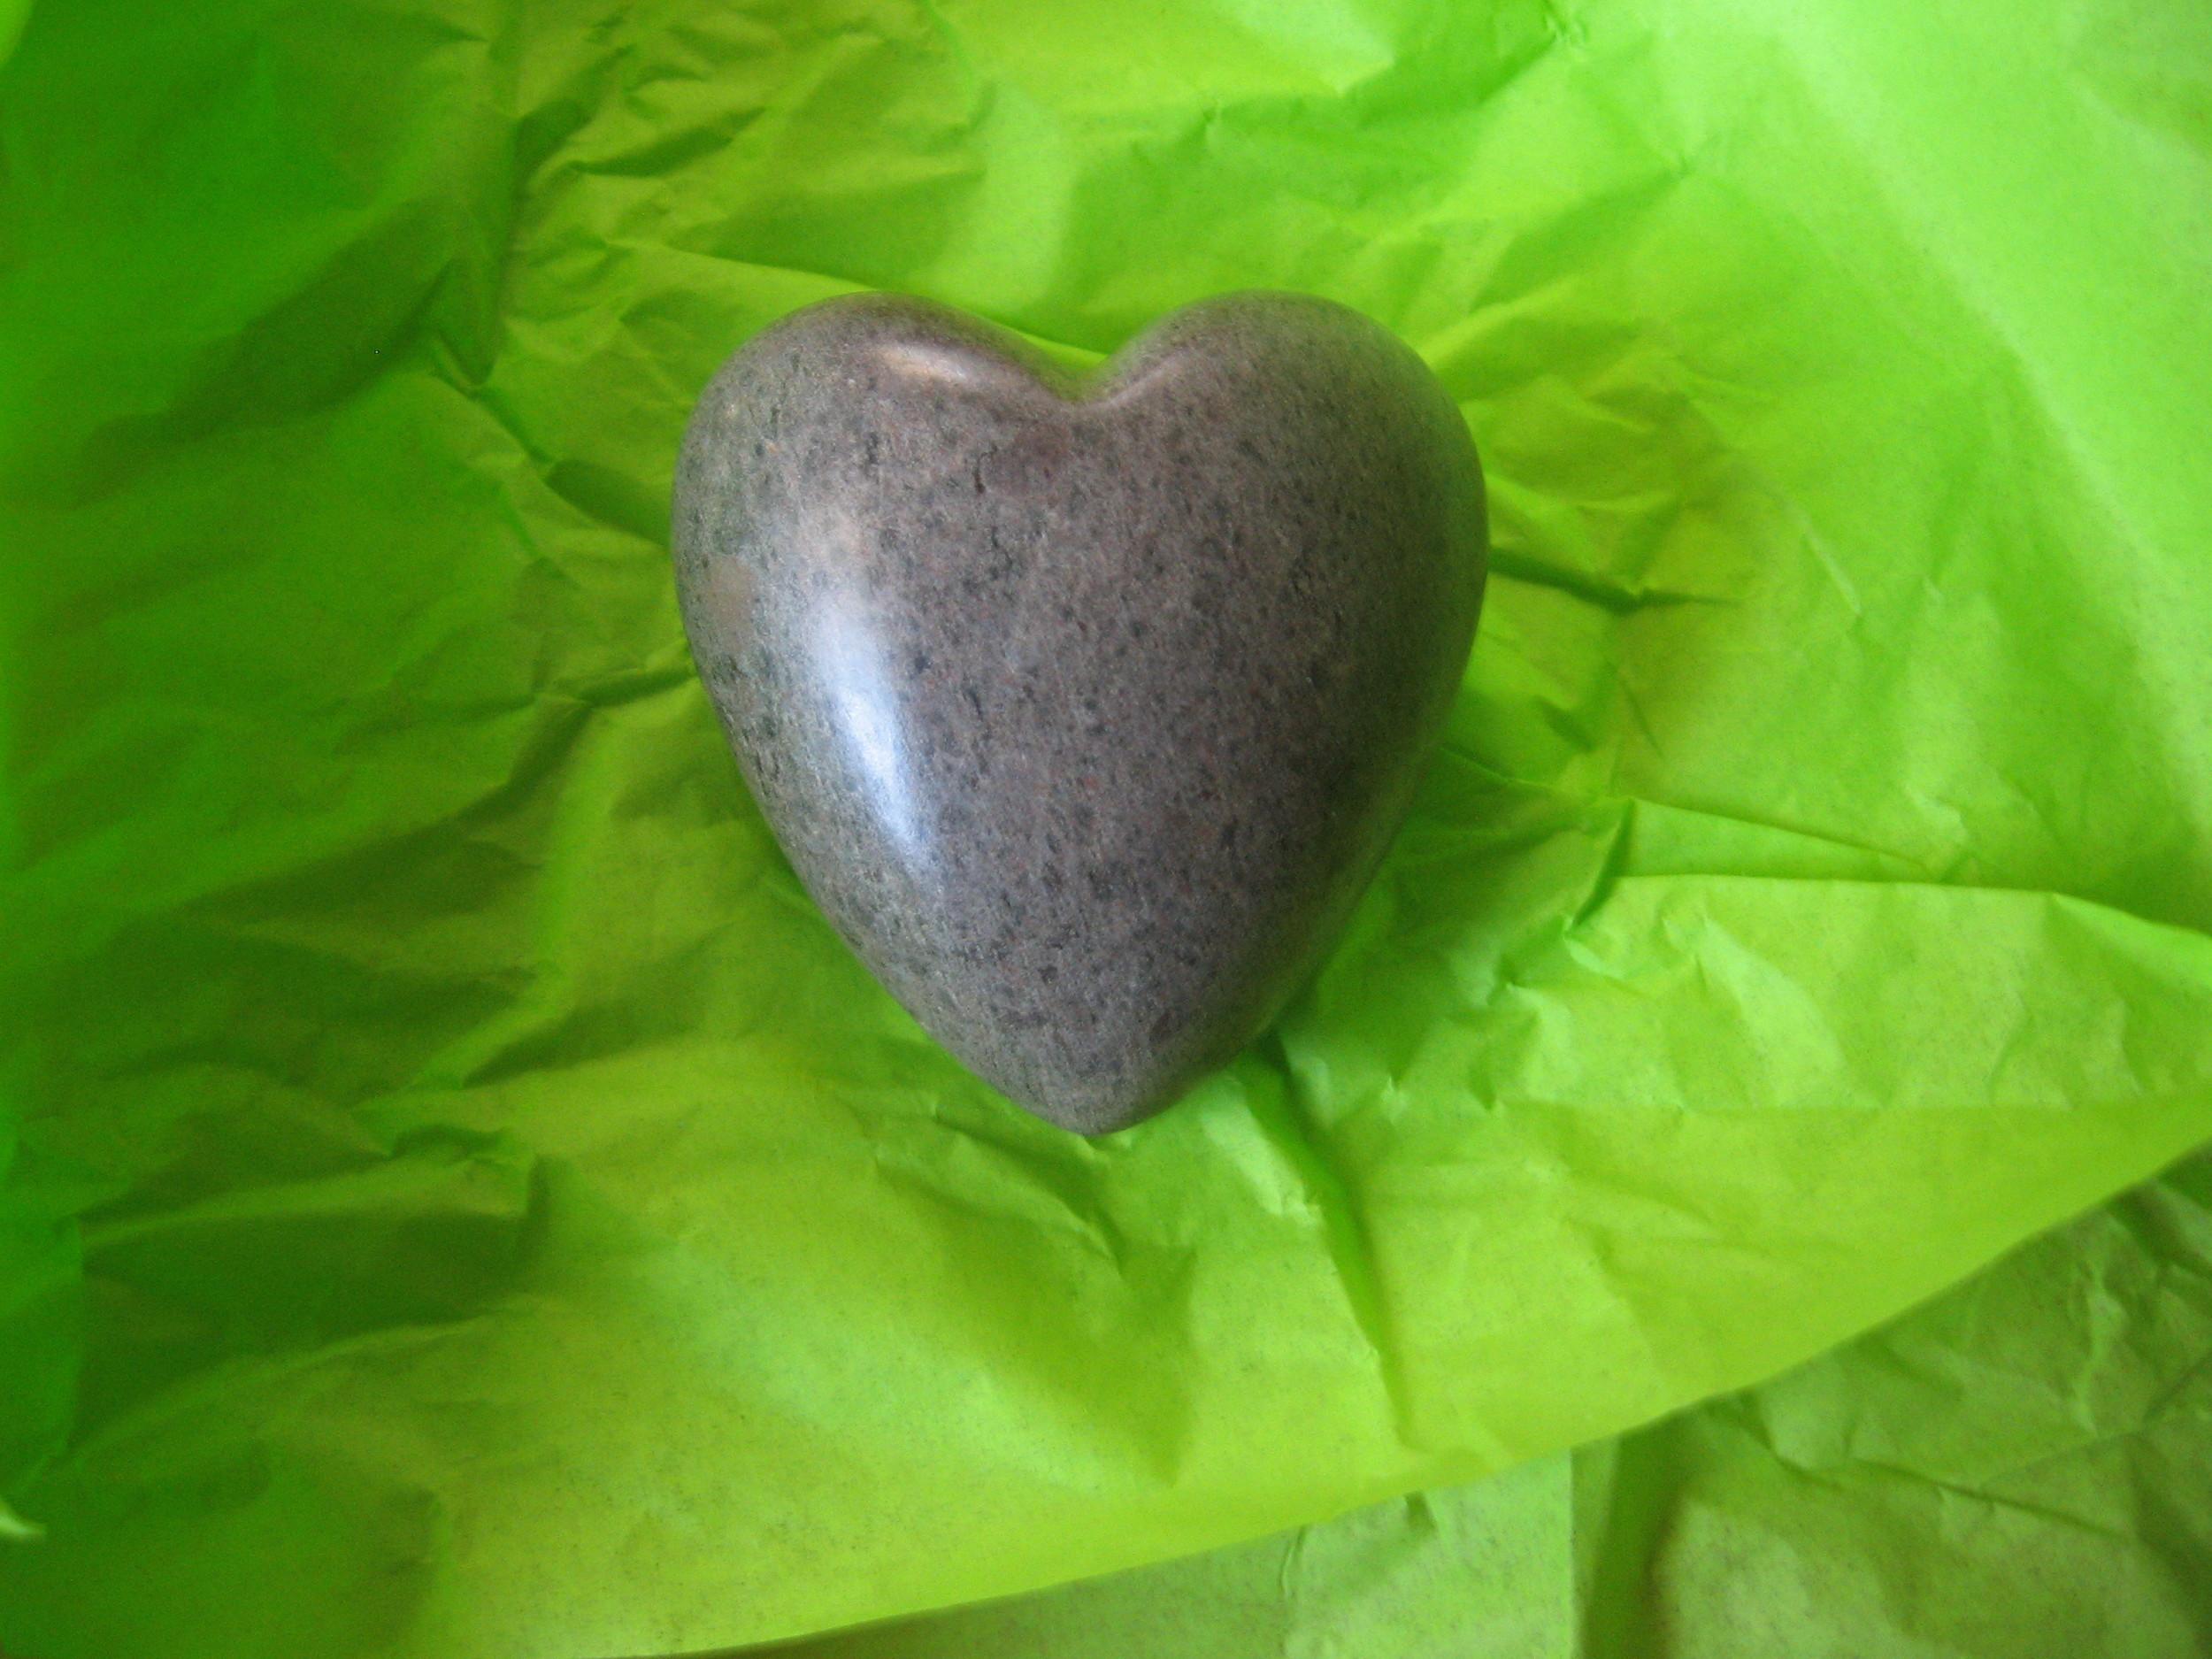 A stone heart from Million Hearts for Haiti.